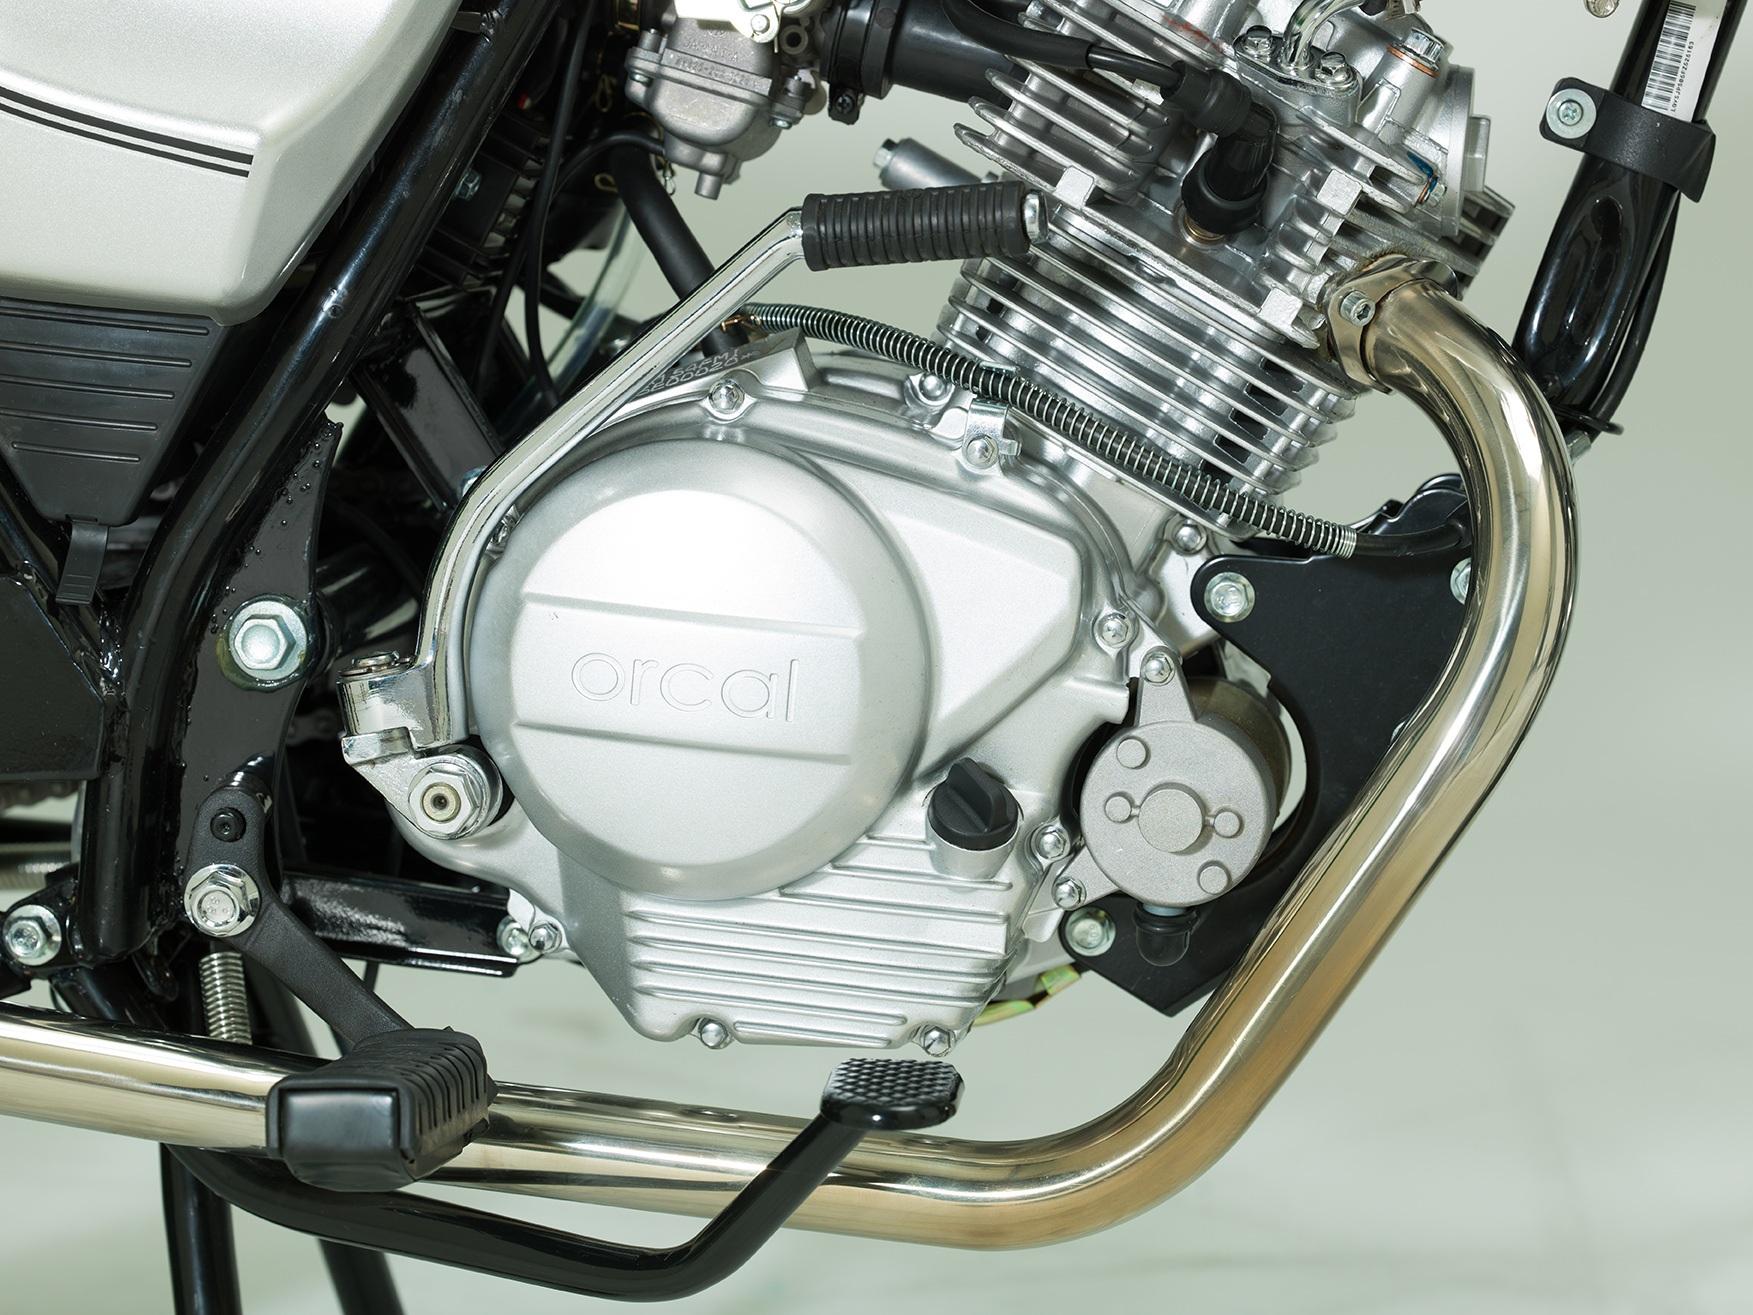 orcal_astor-moteur